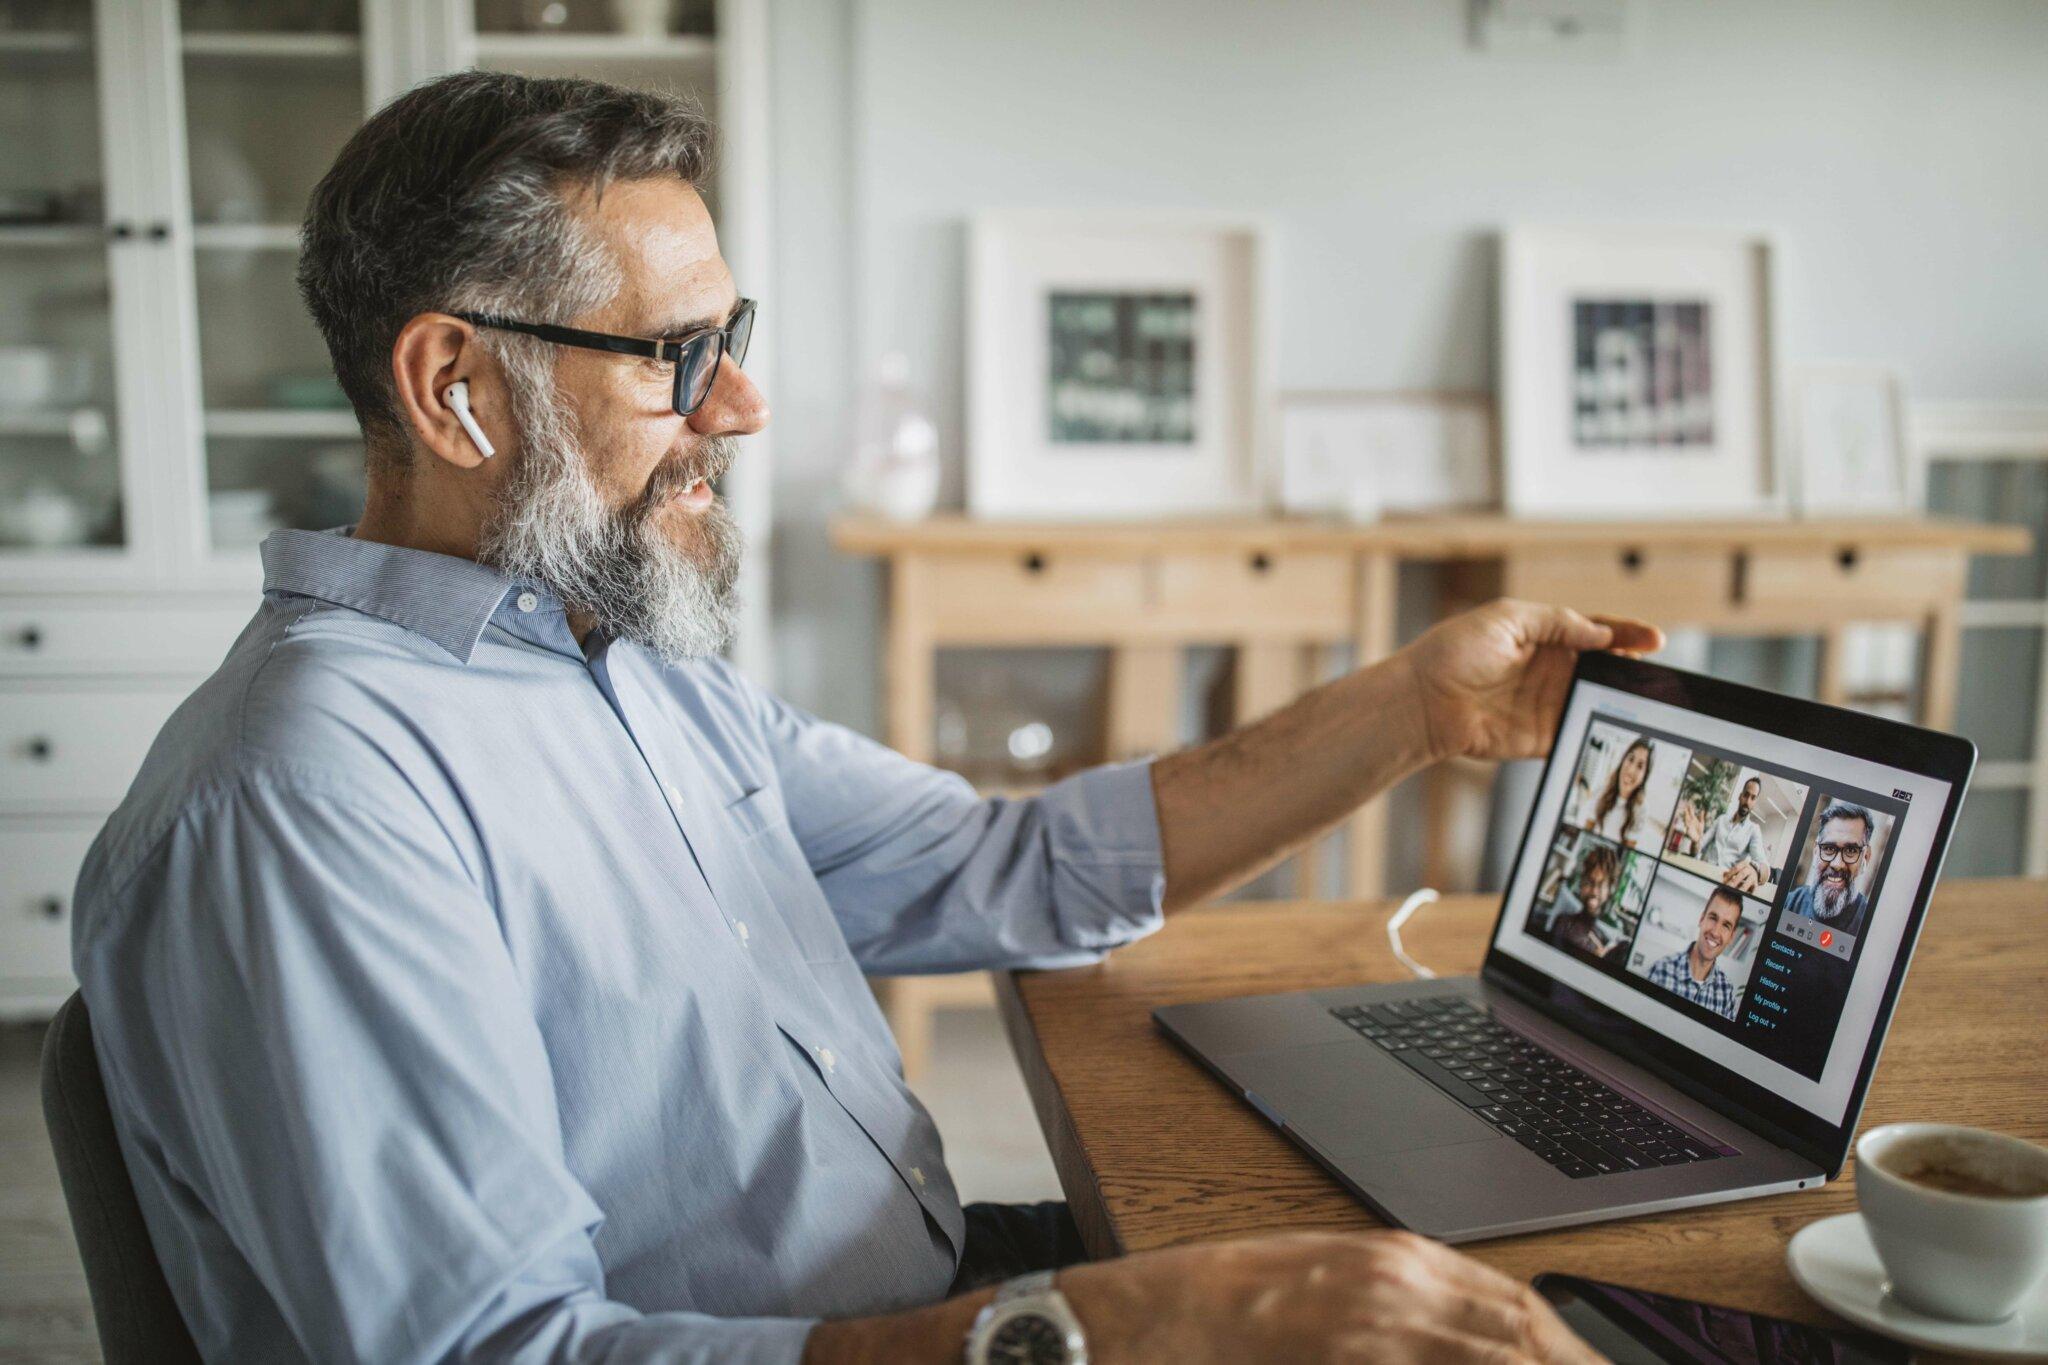 Teletrabalho: 5 dicas para fortalecer a cultura de partilha na sua empresa